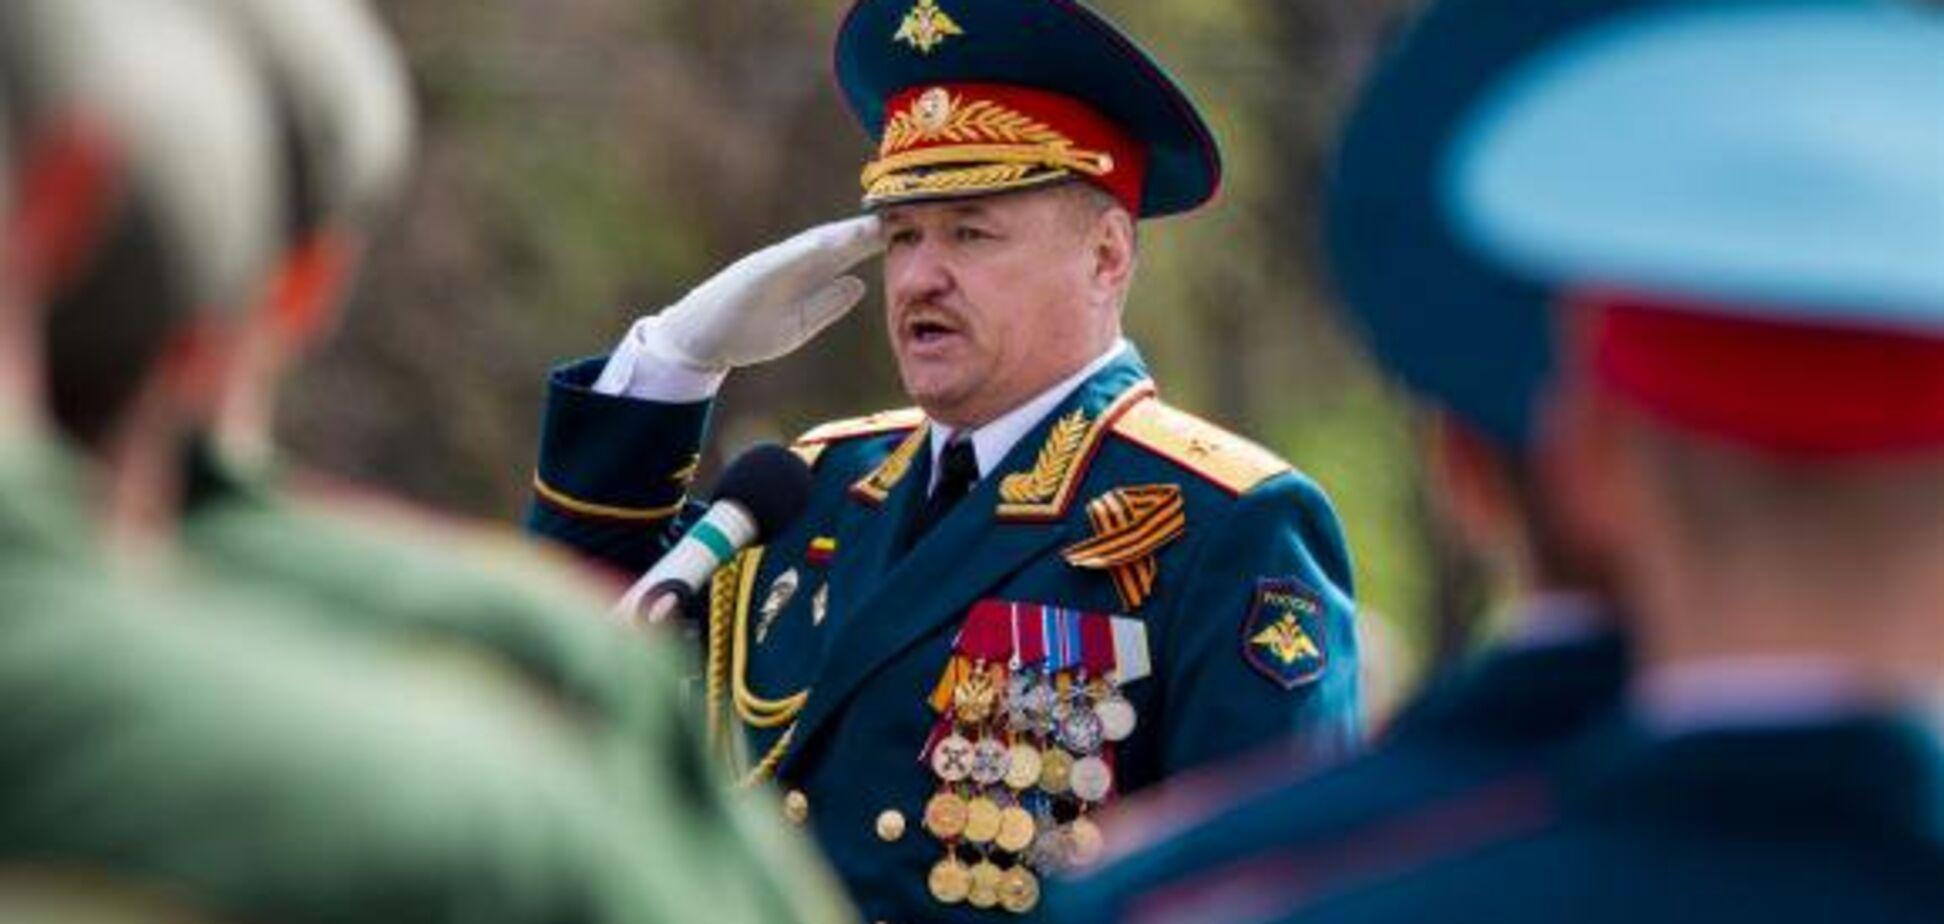 'Идет охота': Жданов пояснил гибель 'донецкого' генерала Асапова в Сирии